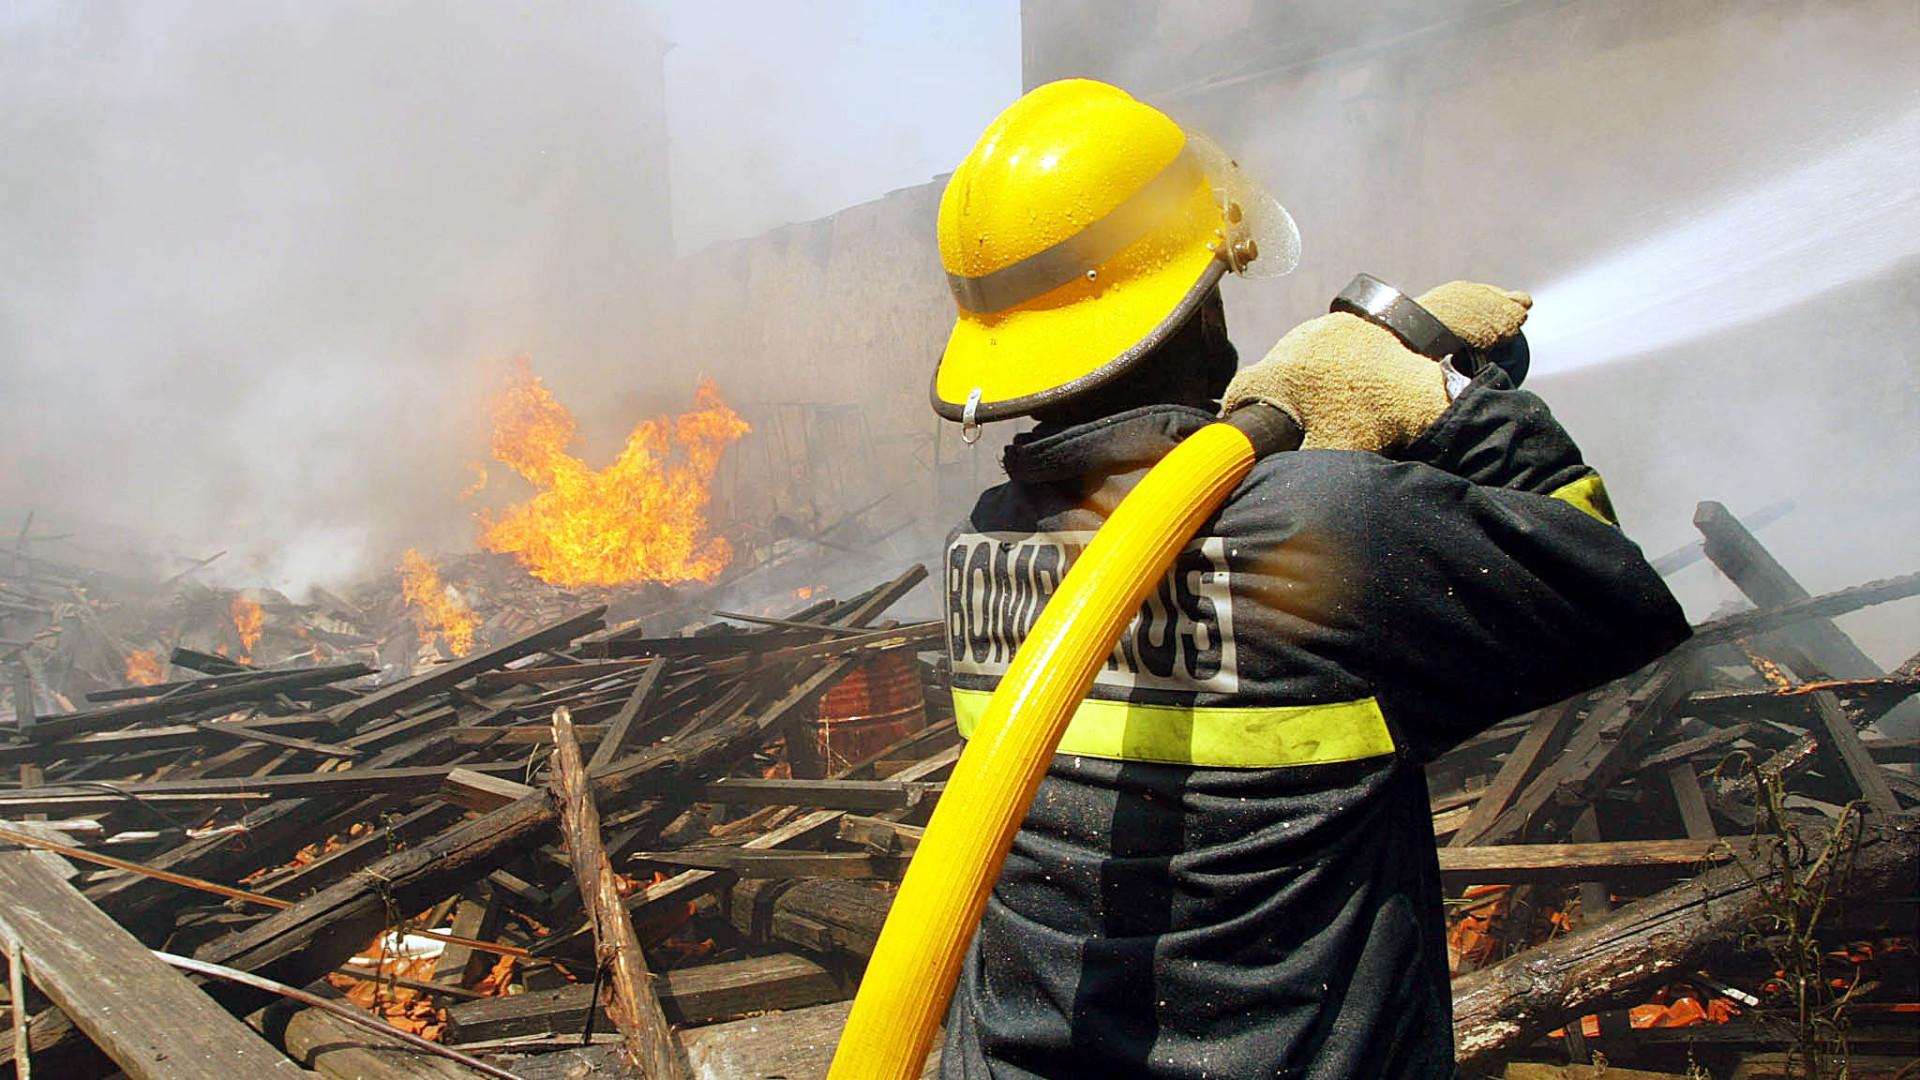 Incêndio em fábrica de alumínios em Fânzeres, Gondomar